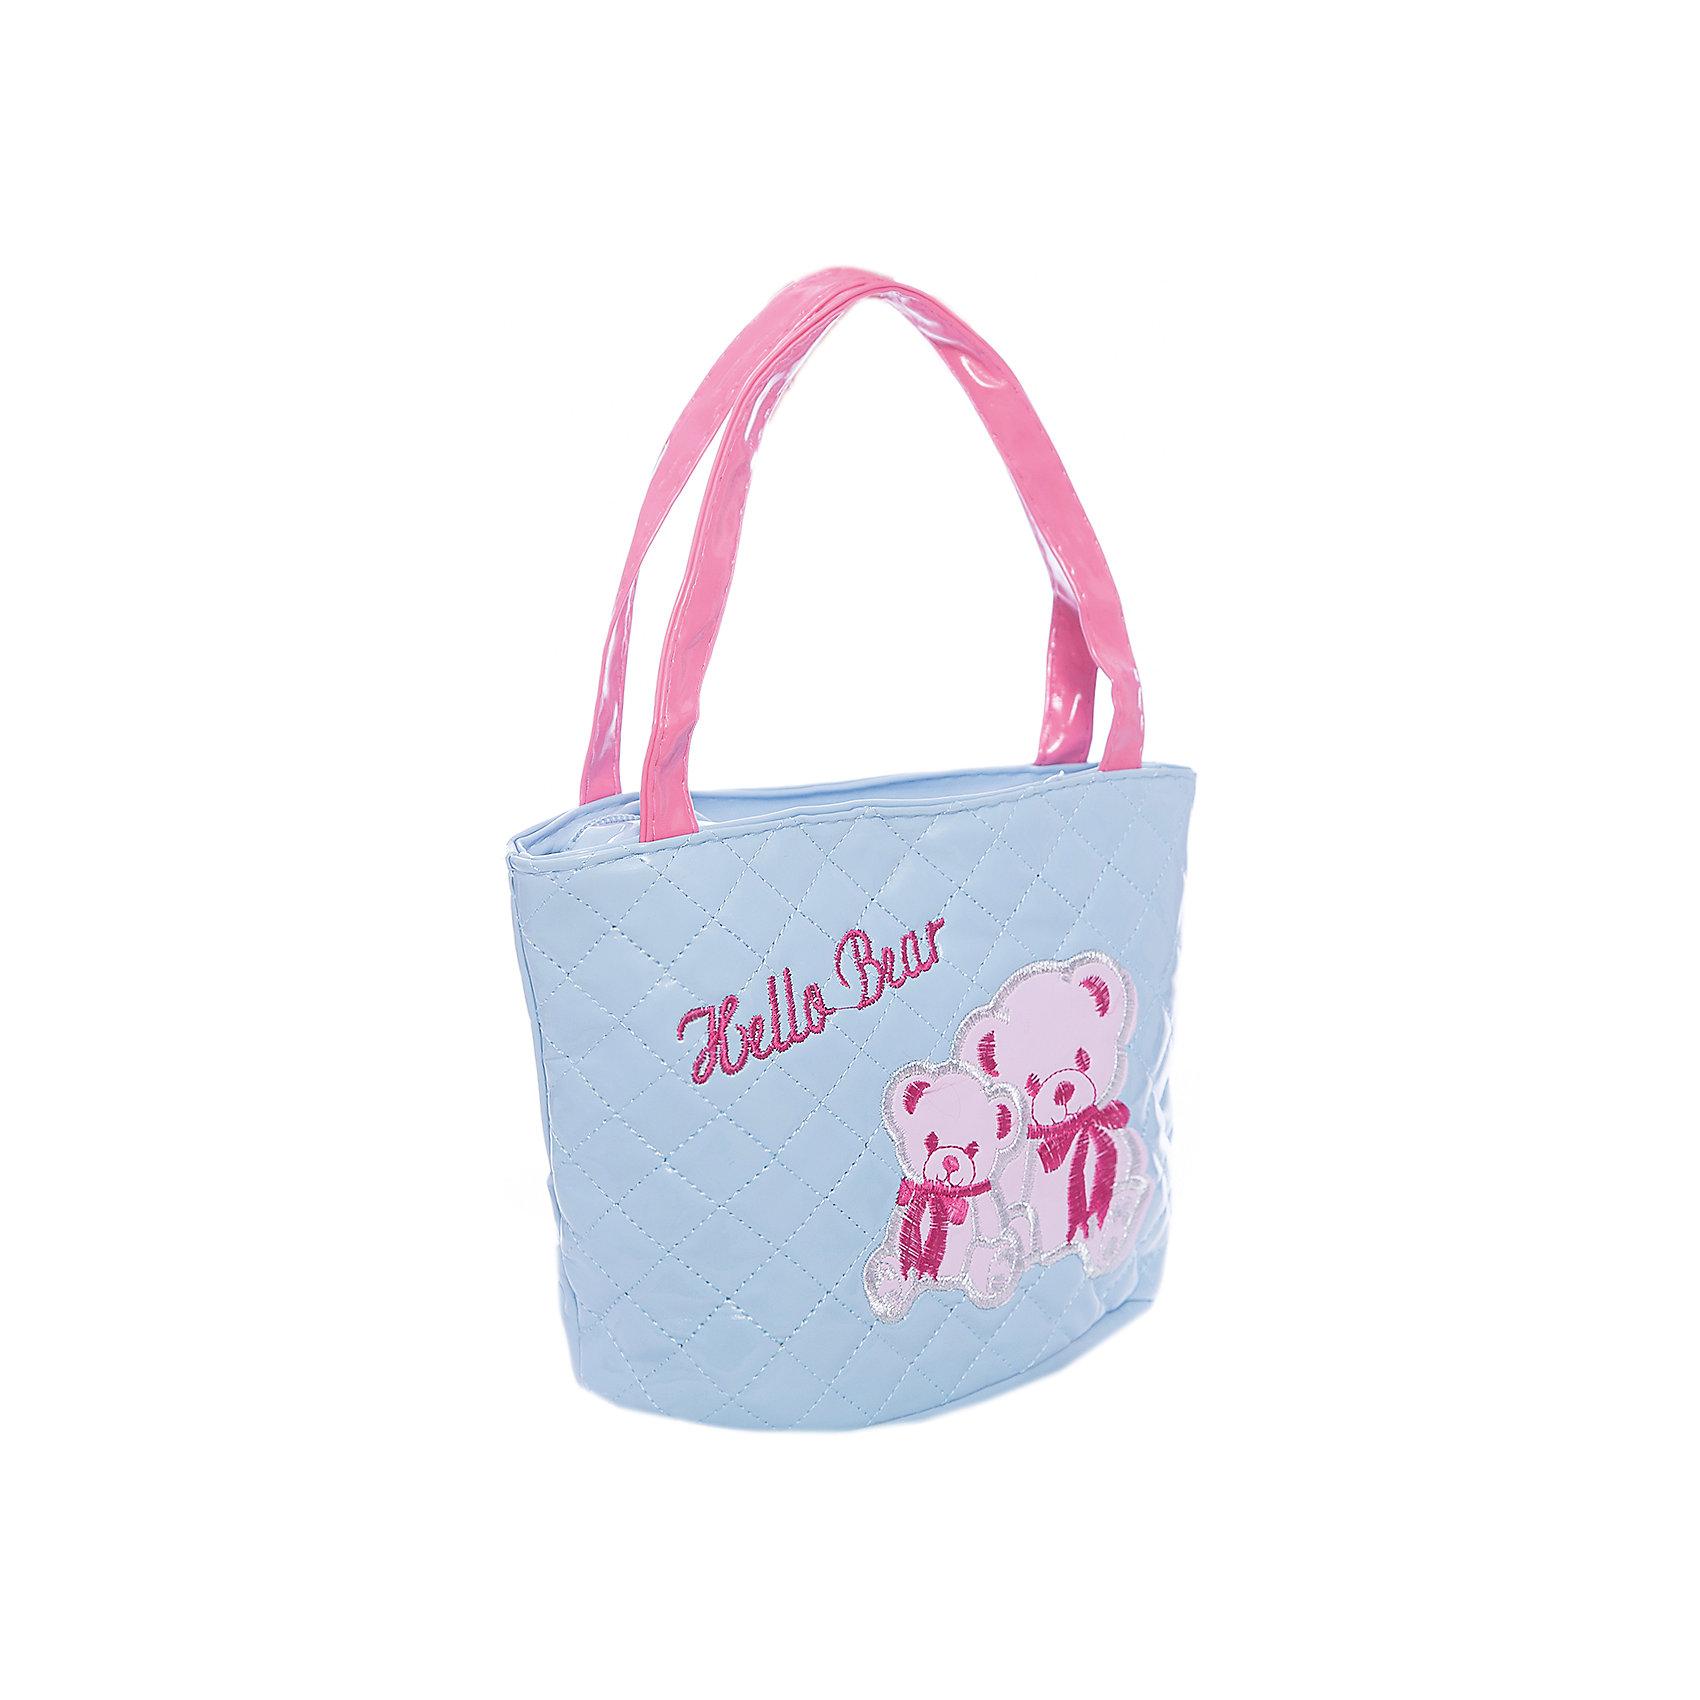 Сумочка Мишки, голубая, 18х20 см.Детские сумки<br>Сумочка Мишки, голубая, 18х20 см., Shantou Gepai (Шанту Гепаи)<br><br>Характеристики:<br><br>• две ручки<br>• застегивается на молнию<br>• стильный дизайн<br>• материал: текстиль<br>• размер: 18х20 см<br>• цвет: голубой<br>• размер упаковки: 17х13х22 см<br>• вес: 82 грамма<br><br>Легкая и удобная  сумка Мишки станет отличным дополнением к образу маленькой модницы. В ней девочка сможет разместить любимые аксессуары, косметику и другие принадлежности. Сумка застегивается на молнию и имеет две удобные ручки. Сумка выполнена в нежно-голубом цвете и декорирована изображением прелестных медвежат.<br><br>Сумочка Мишки, голубая, 18х20 см., Shantou Gepai (Шанту Гепаи) можно купить в нашем интернет-магазине.<br><br>Ширина мм: 220<br>Глубина мм: 130<br>Высота мм: 1700<br>Вес г: 82<br>Возраст от месяцев: 36<br>Возраст до месяцев: 2147483647<br>Пол: Женский<br>Возраст: Детский<br>SKU: 5508570